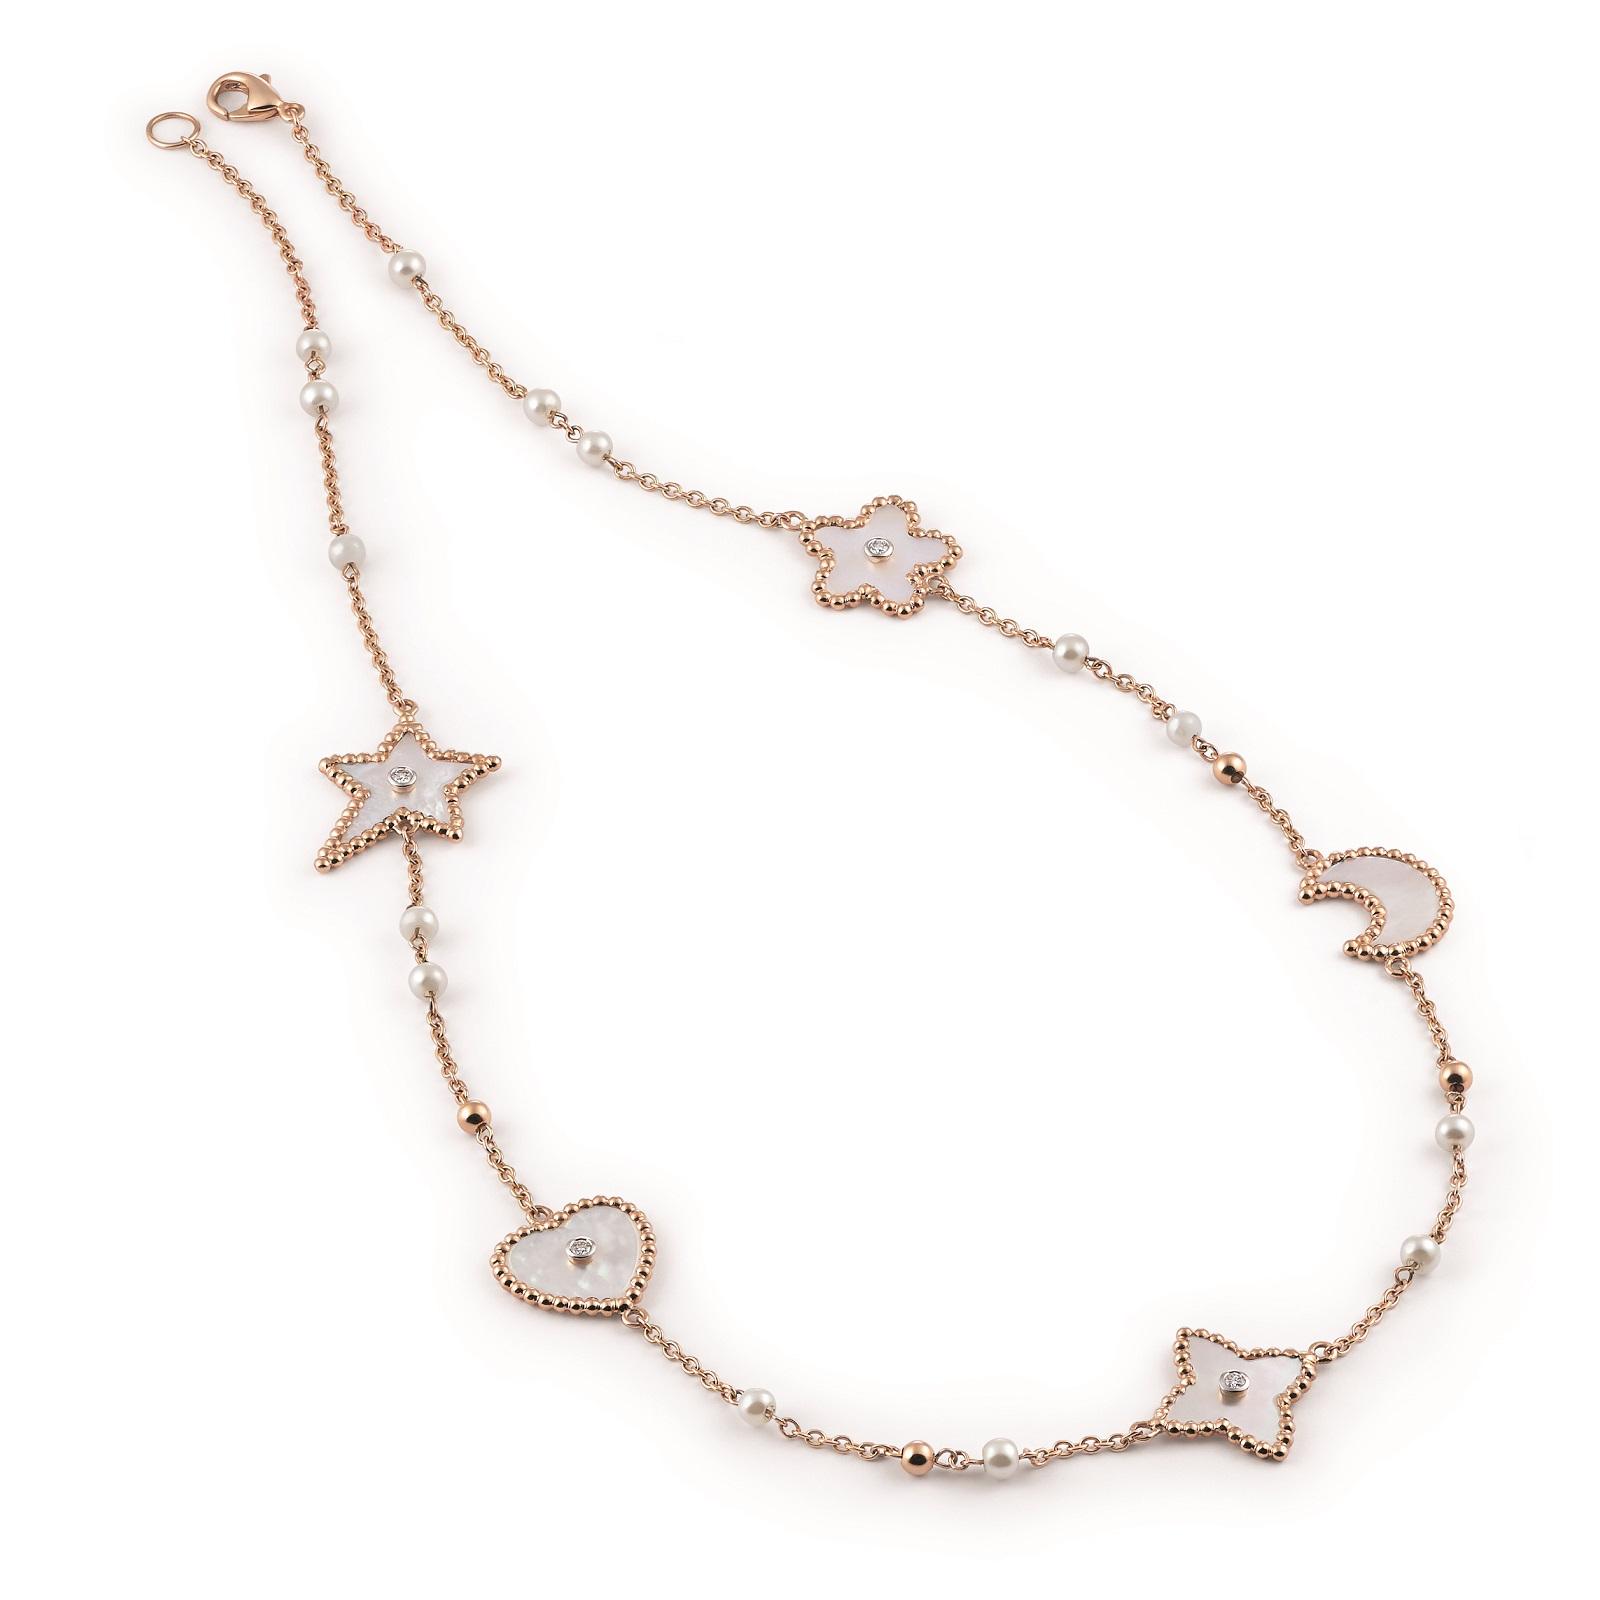 Collier Palladio aus Roségold mit Diamanten und Perlmutt